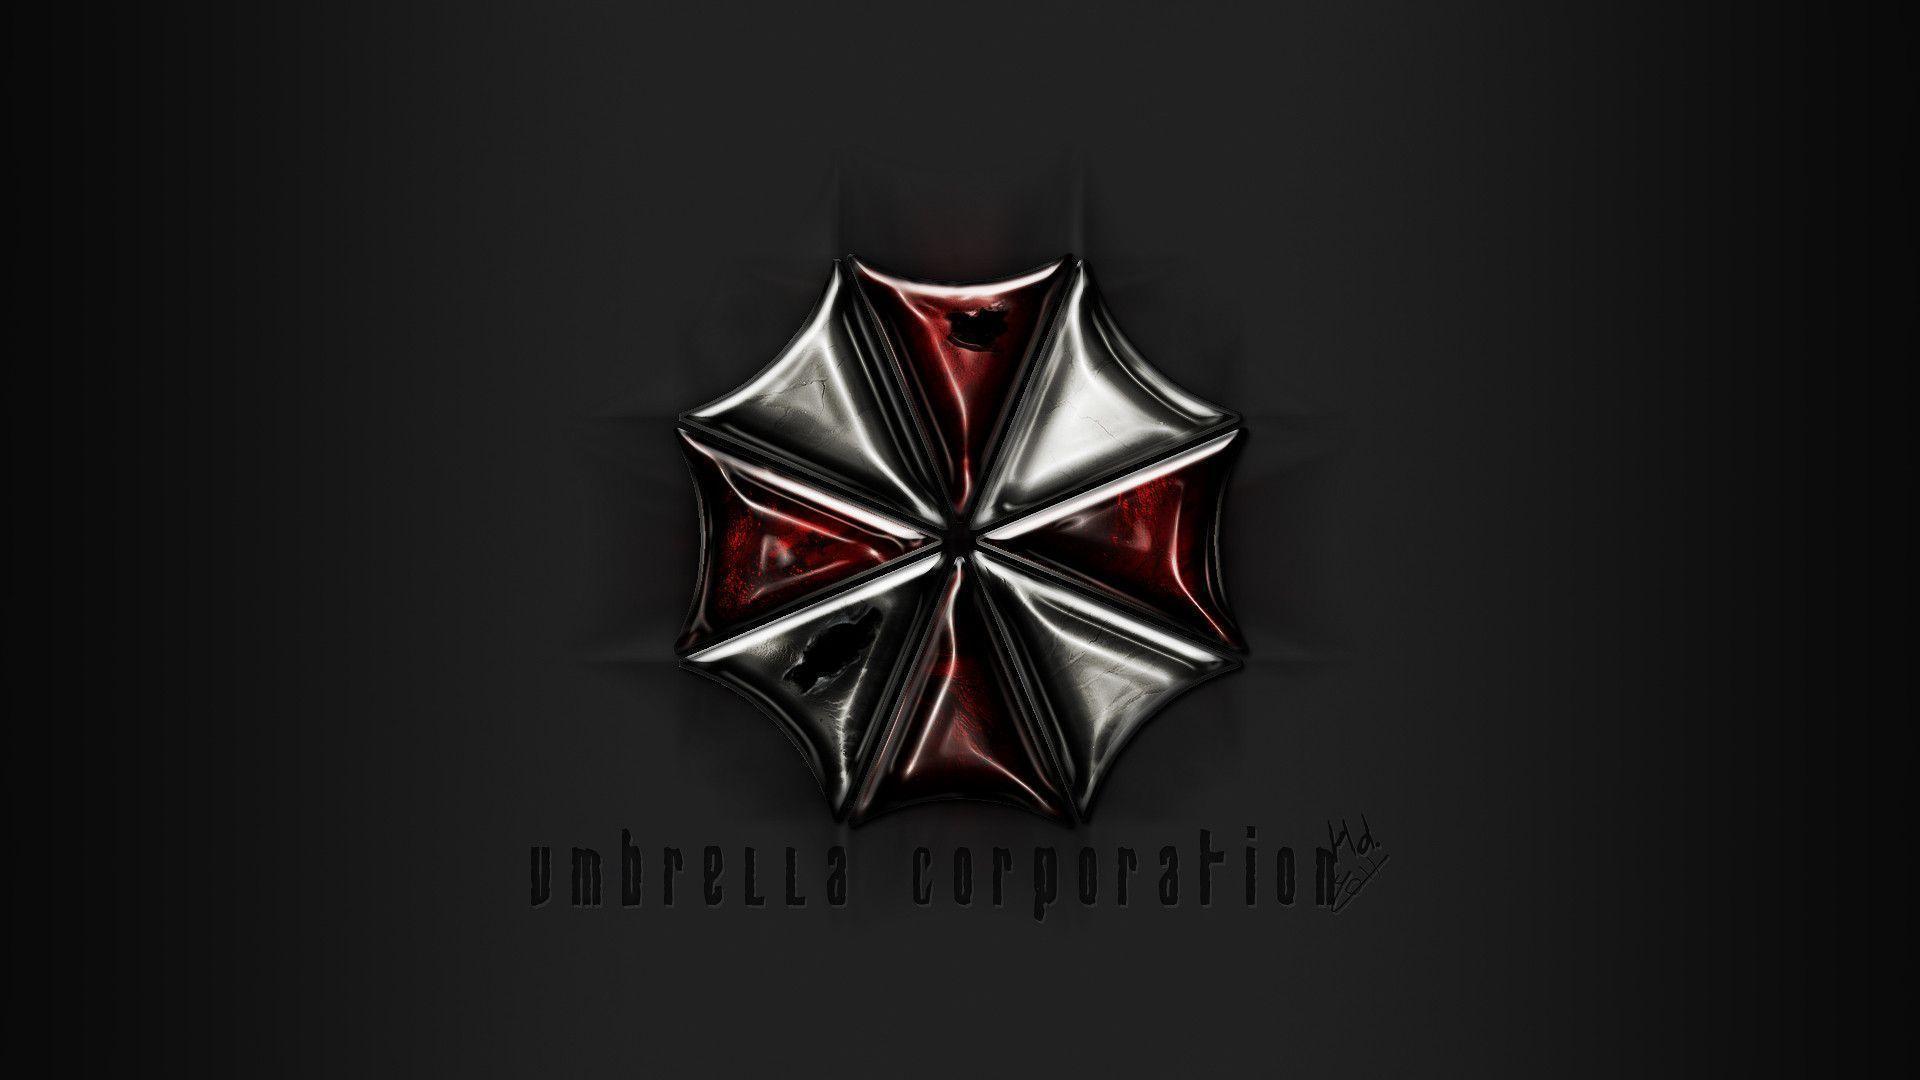 Umbrella corporation wallpapers wallpaper cave - Umbrella corporation wallpaper hd 1366x768 ...